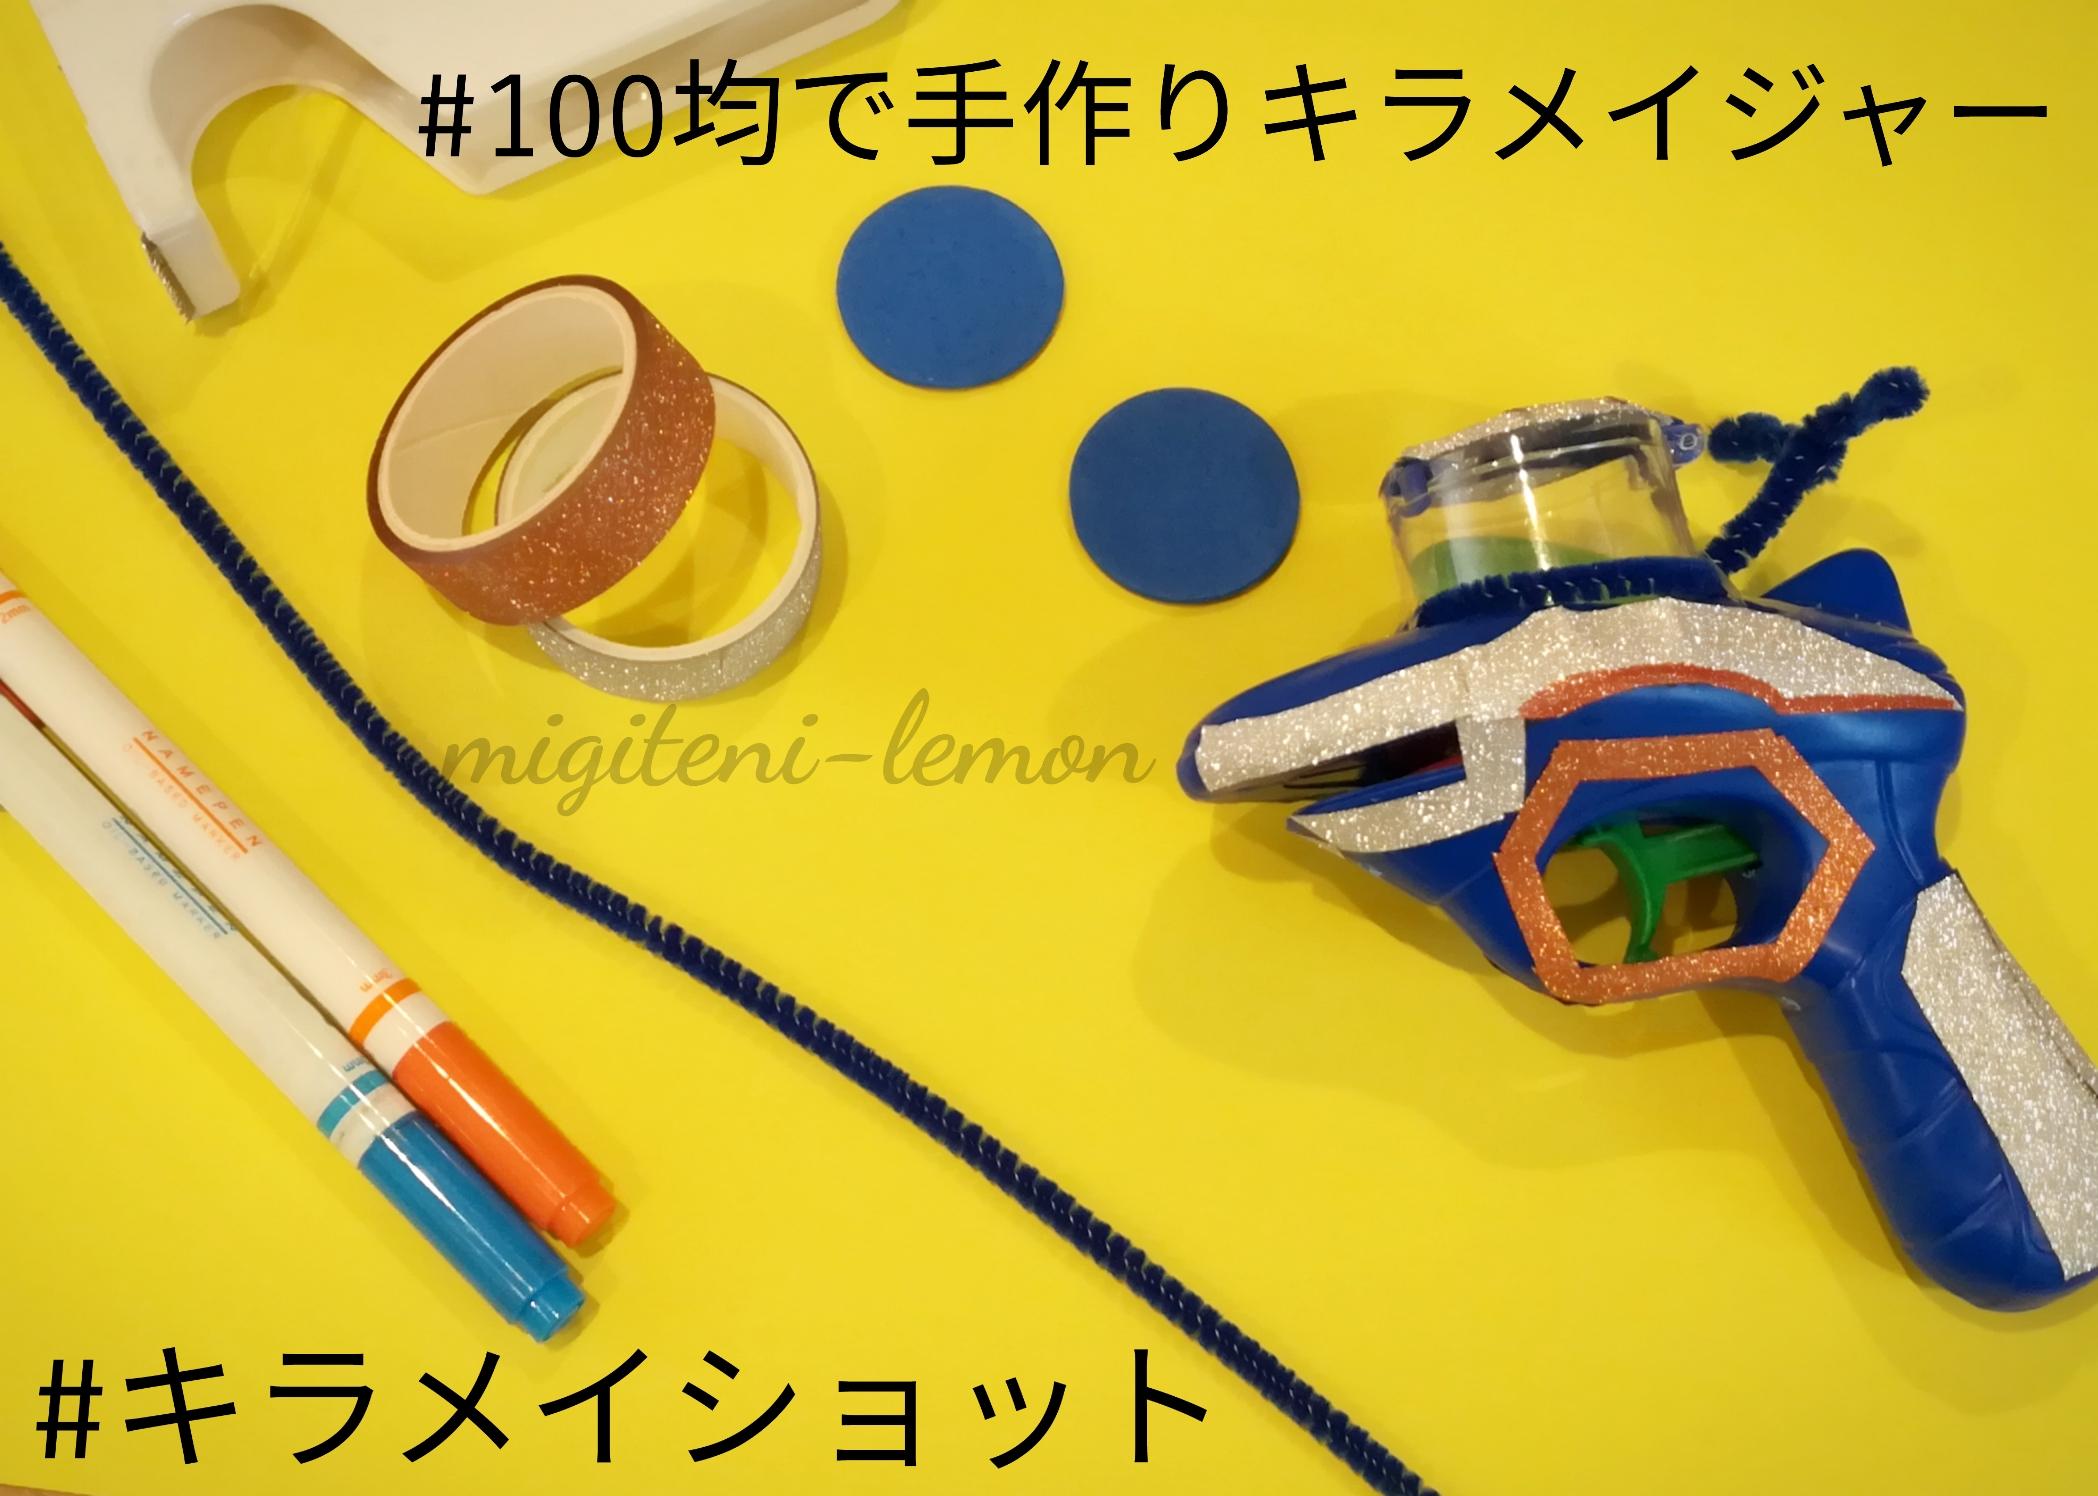 100yen-daiso-kiramei-shot